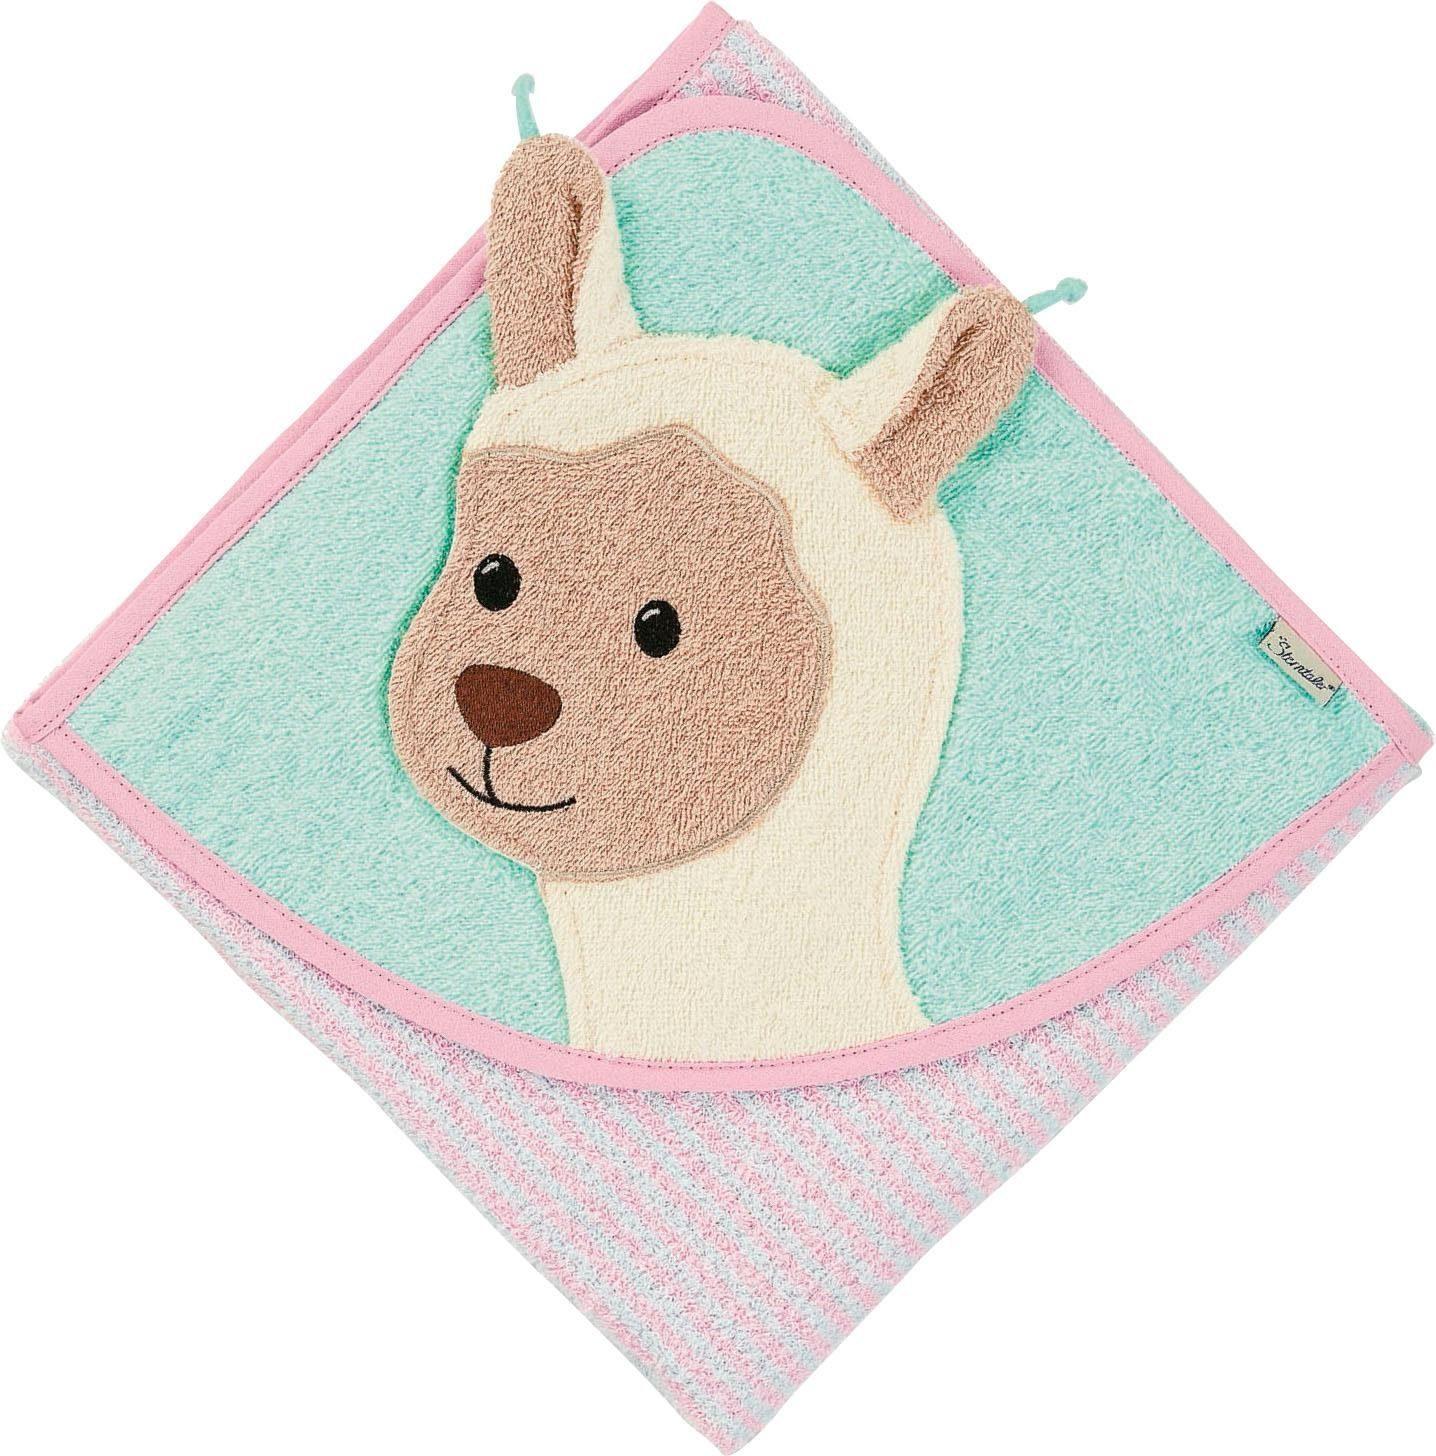 Sterntaler Kapuzen Frottee Handtücher U Kapuzen & Badetücher Spannbettlaken Baby